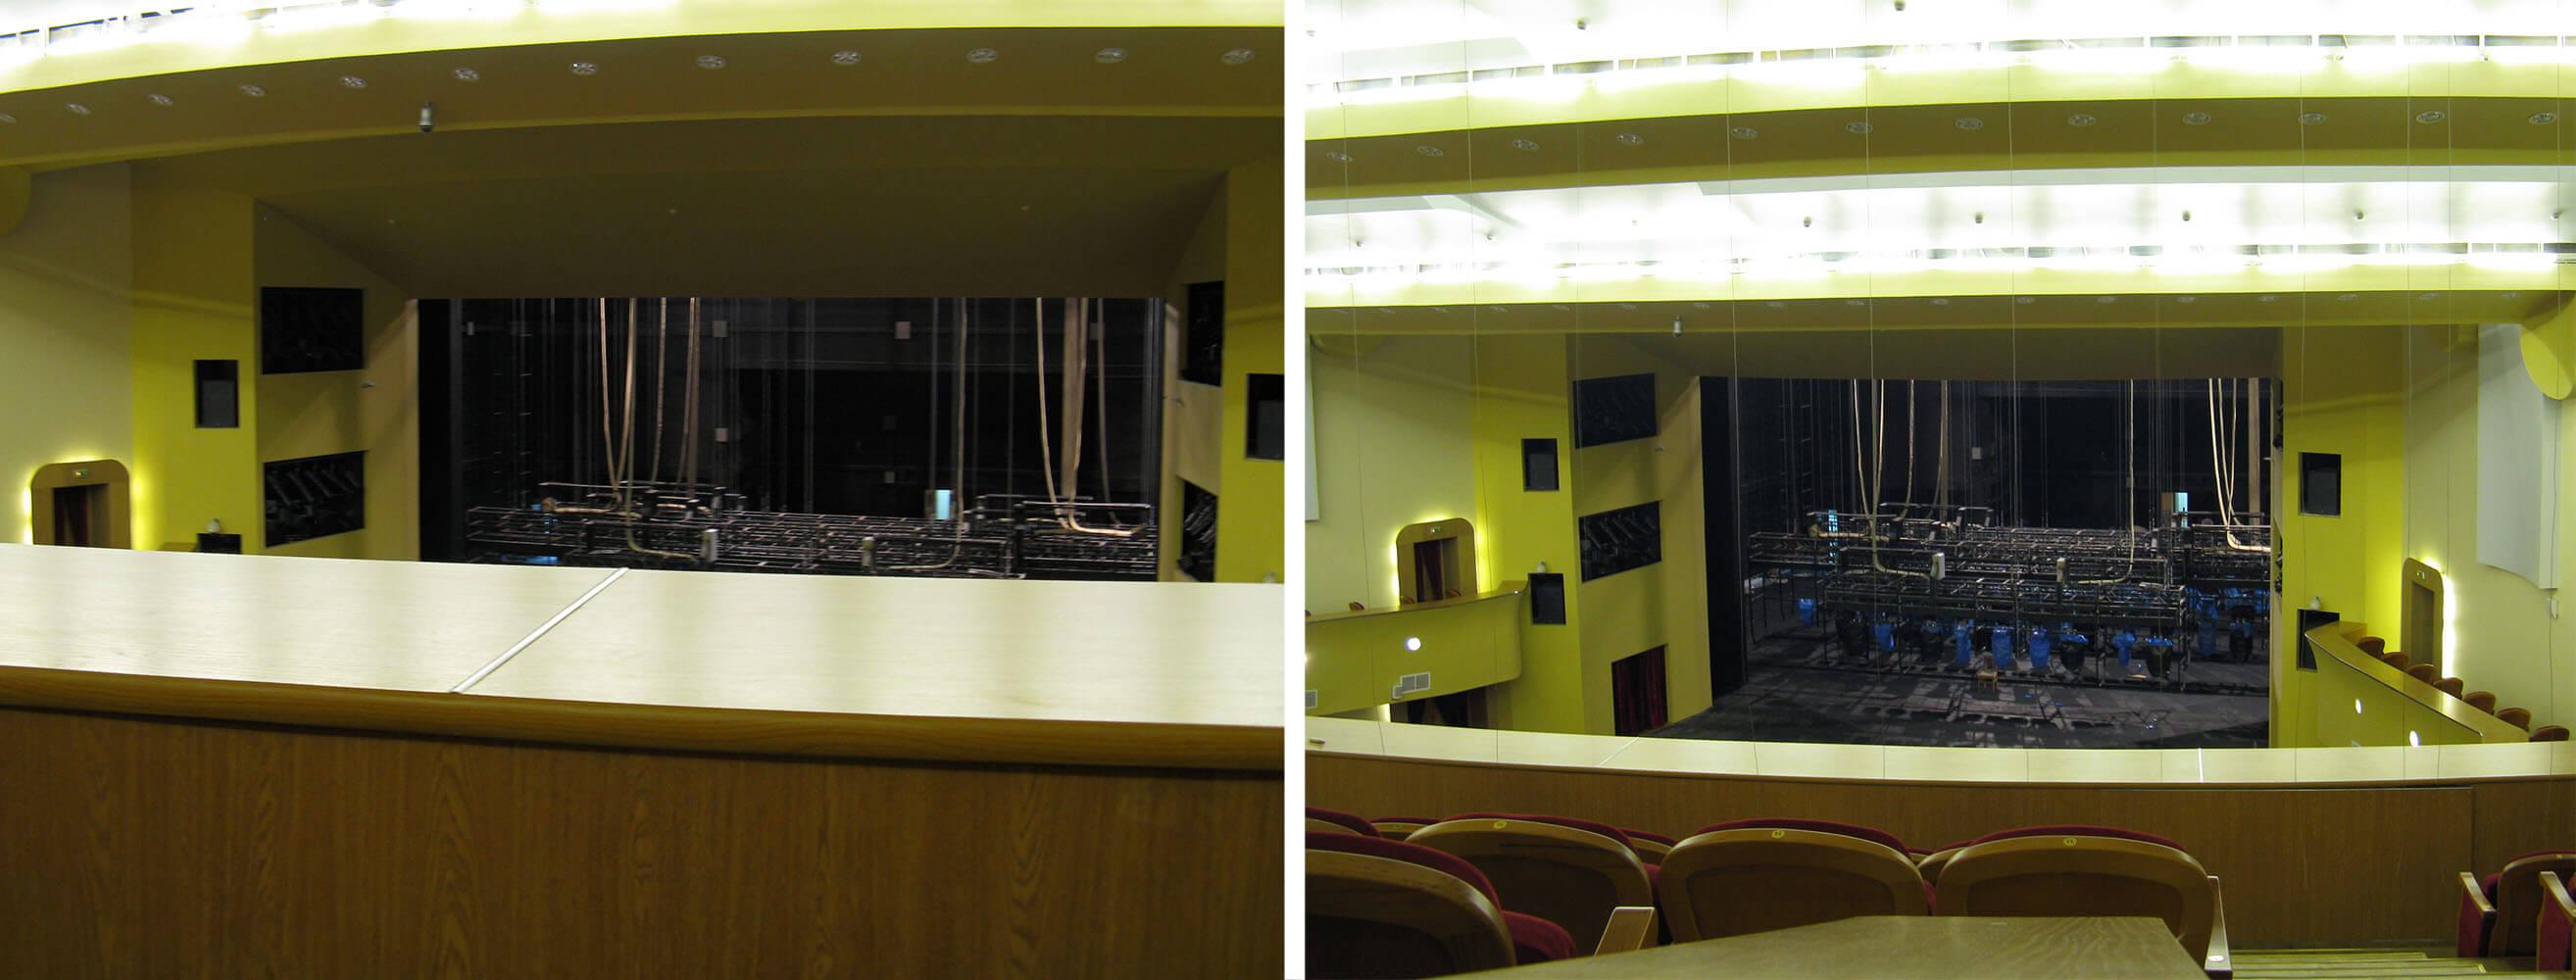 Вид на сцену с балкона зрительного зала